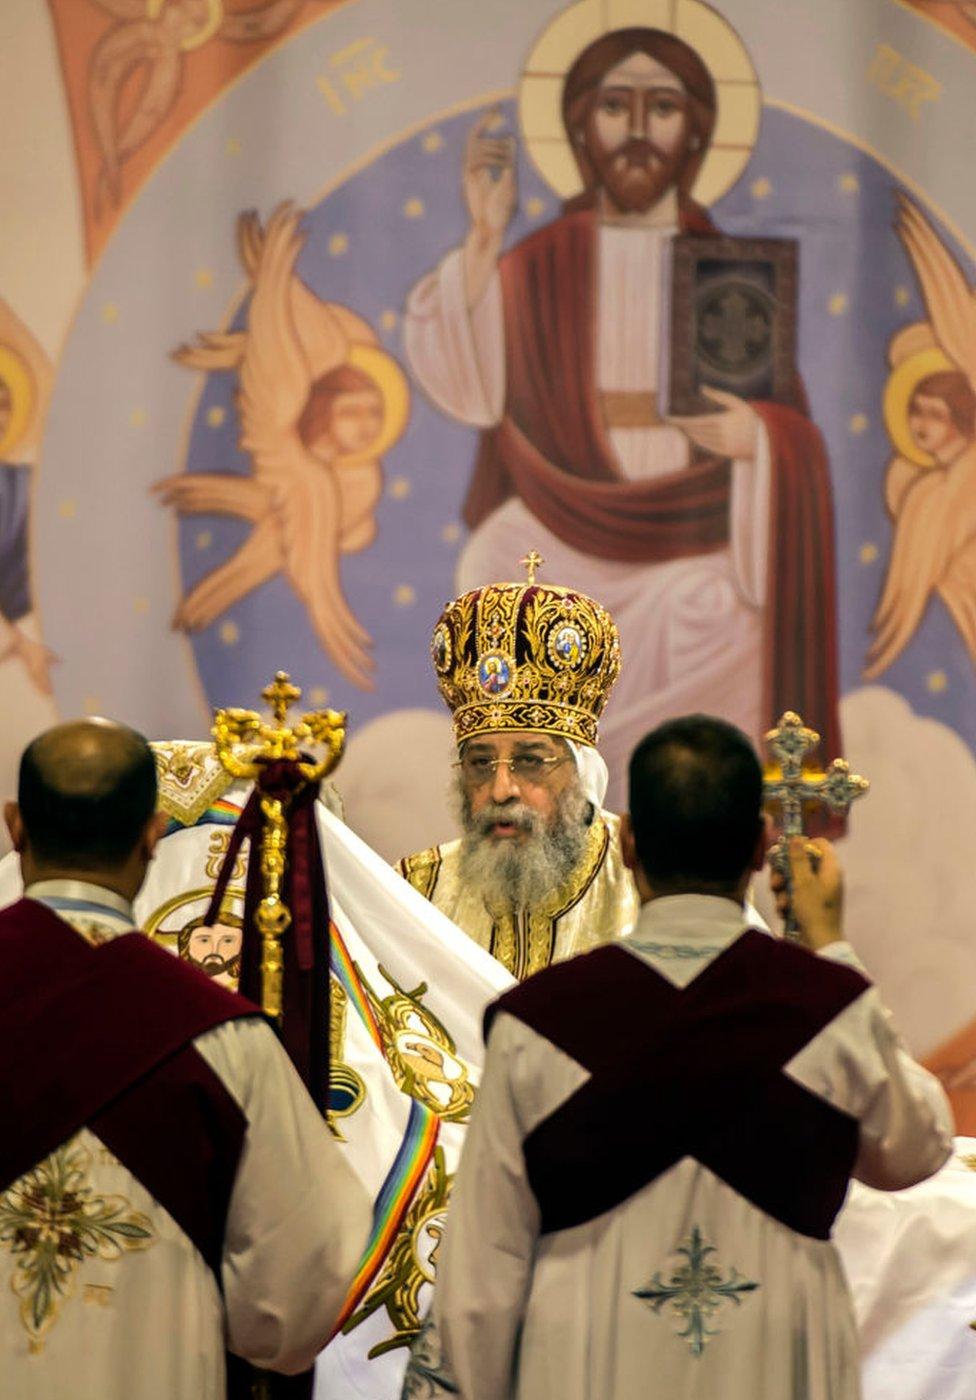 بابا الأقباط الأرثوذكس تواضروس في قداس عشية الاحتفال بأعياد الميلاد يوم السبت. ويحتفل الأقباط في مصر بأعياد الميلاد يوم 7 يناير/كانون الثاني.